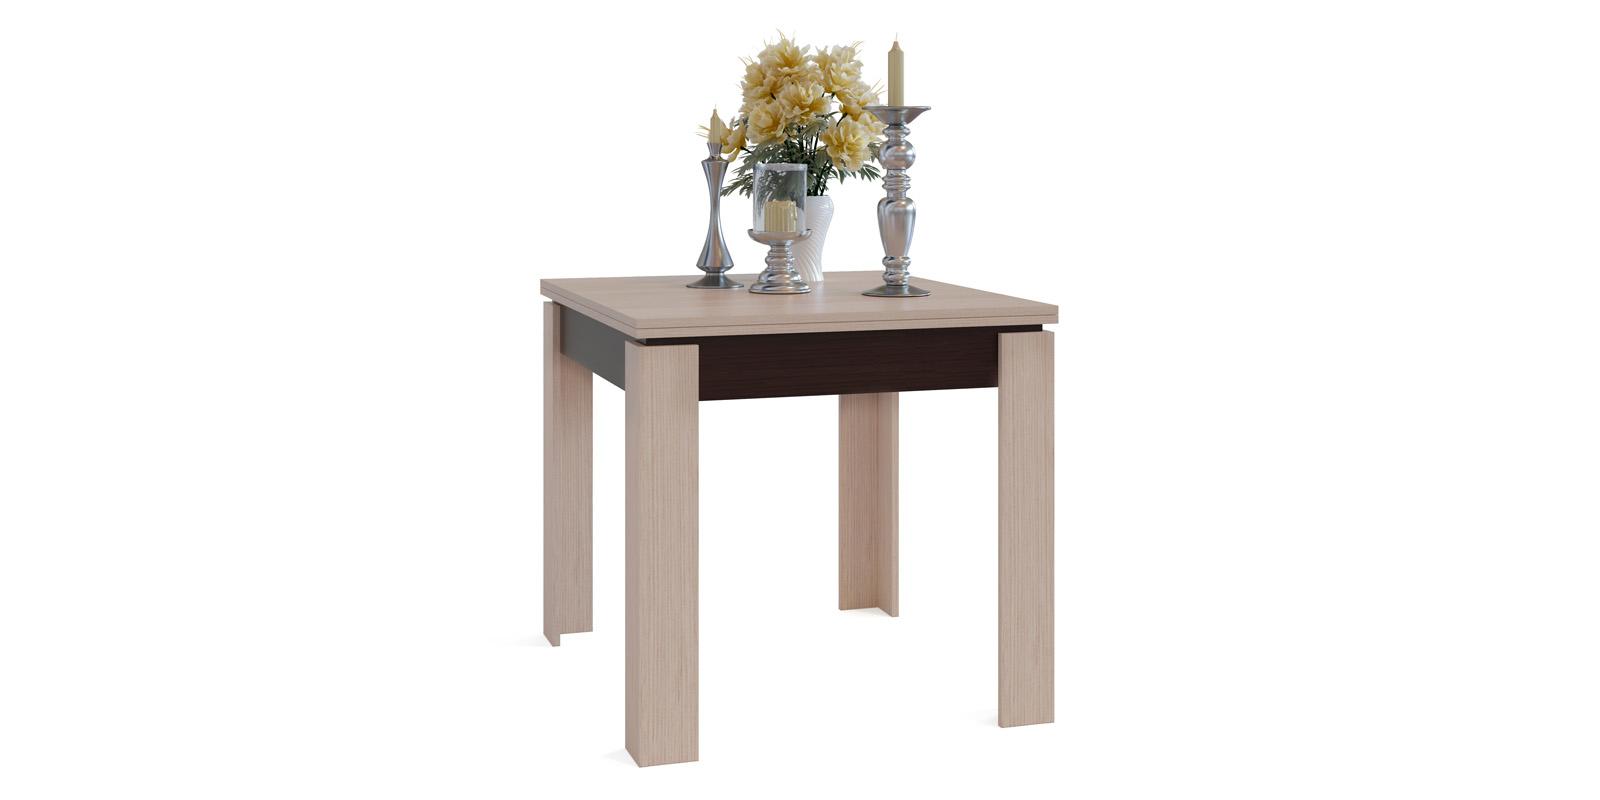 Обеденный стол Лутон вариант №2 (беленый дуб/венге)